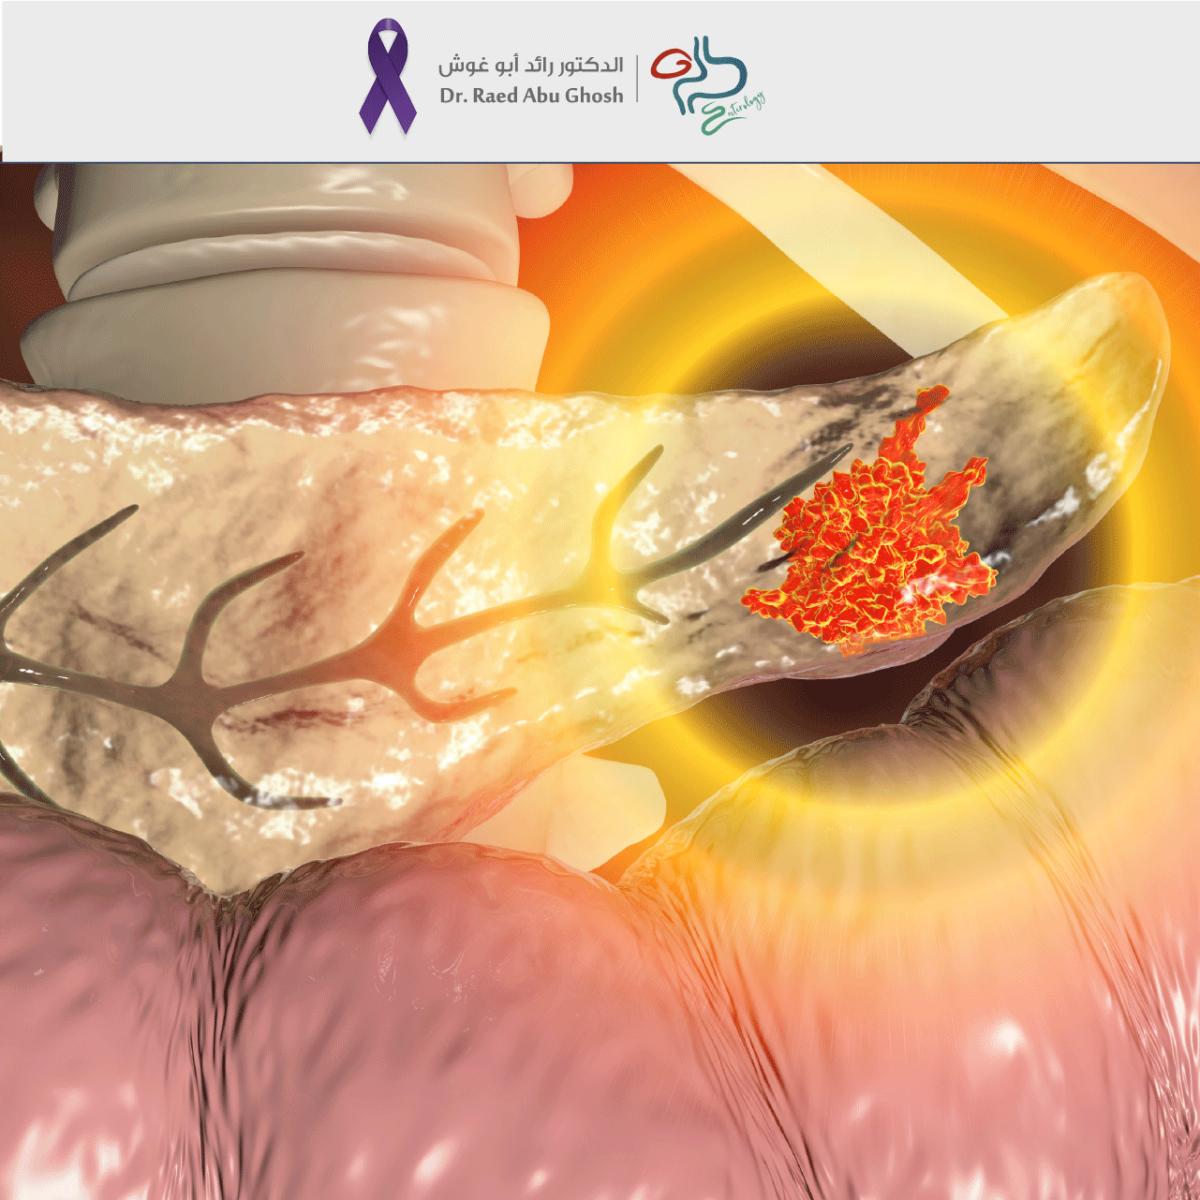 -رائد-معلومات-عن-سرطان-البنكرياس-1200x1200.png